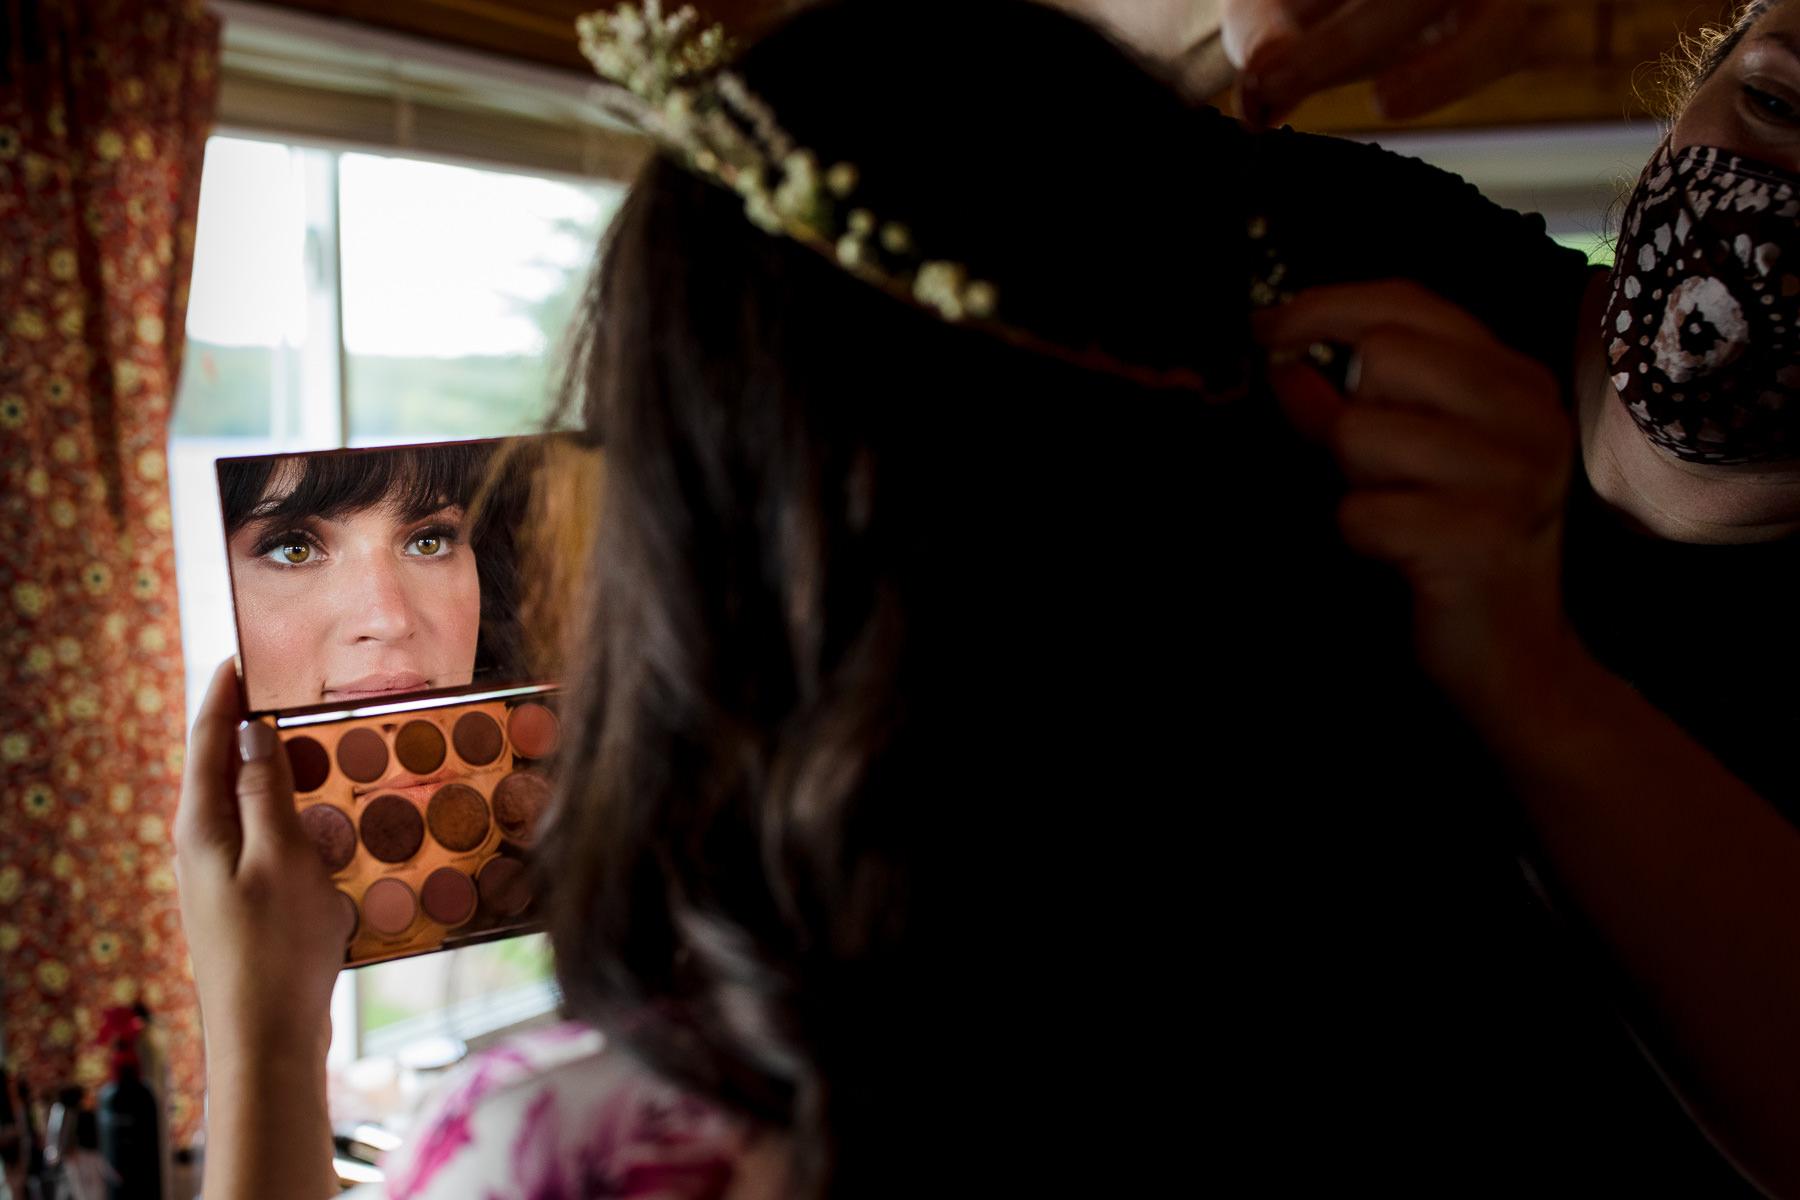 Lieu de mariage privé des Adirondacks dans le nord de l'État de New York | La mariée aperçoit son maquillage fraîchement fait